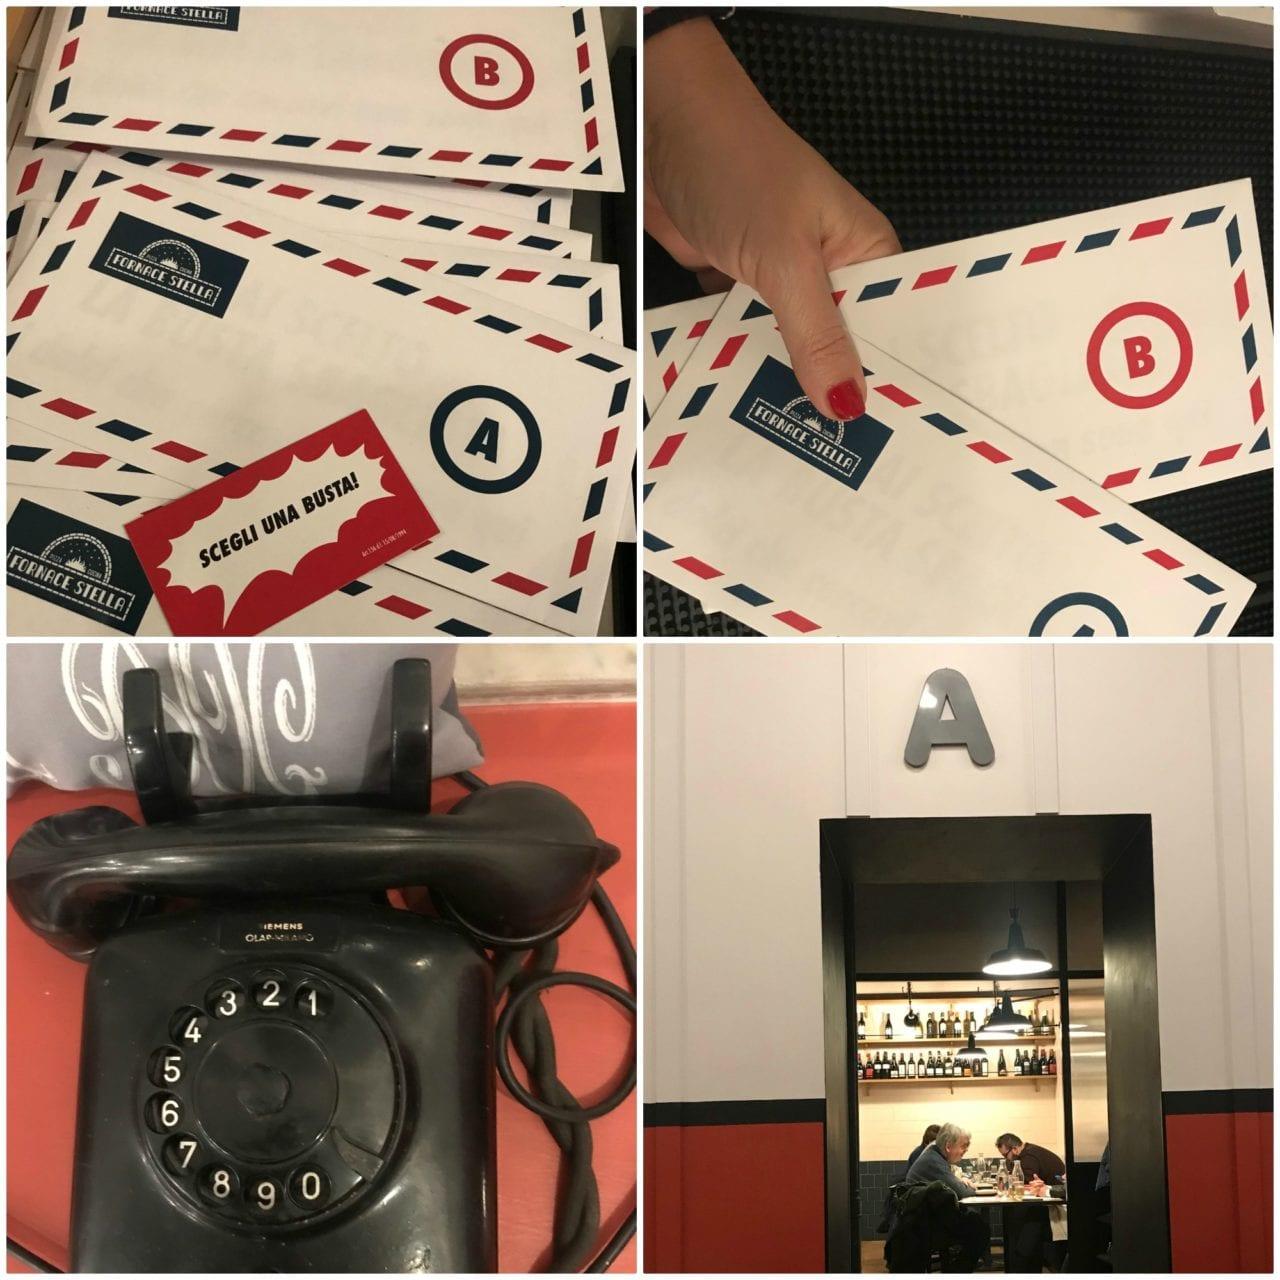 Il gioco delle buste per la scelta del dolce, il telefono nero e la sala interna